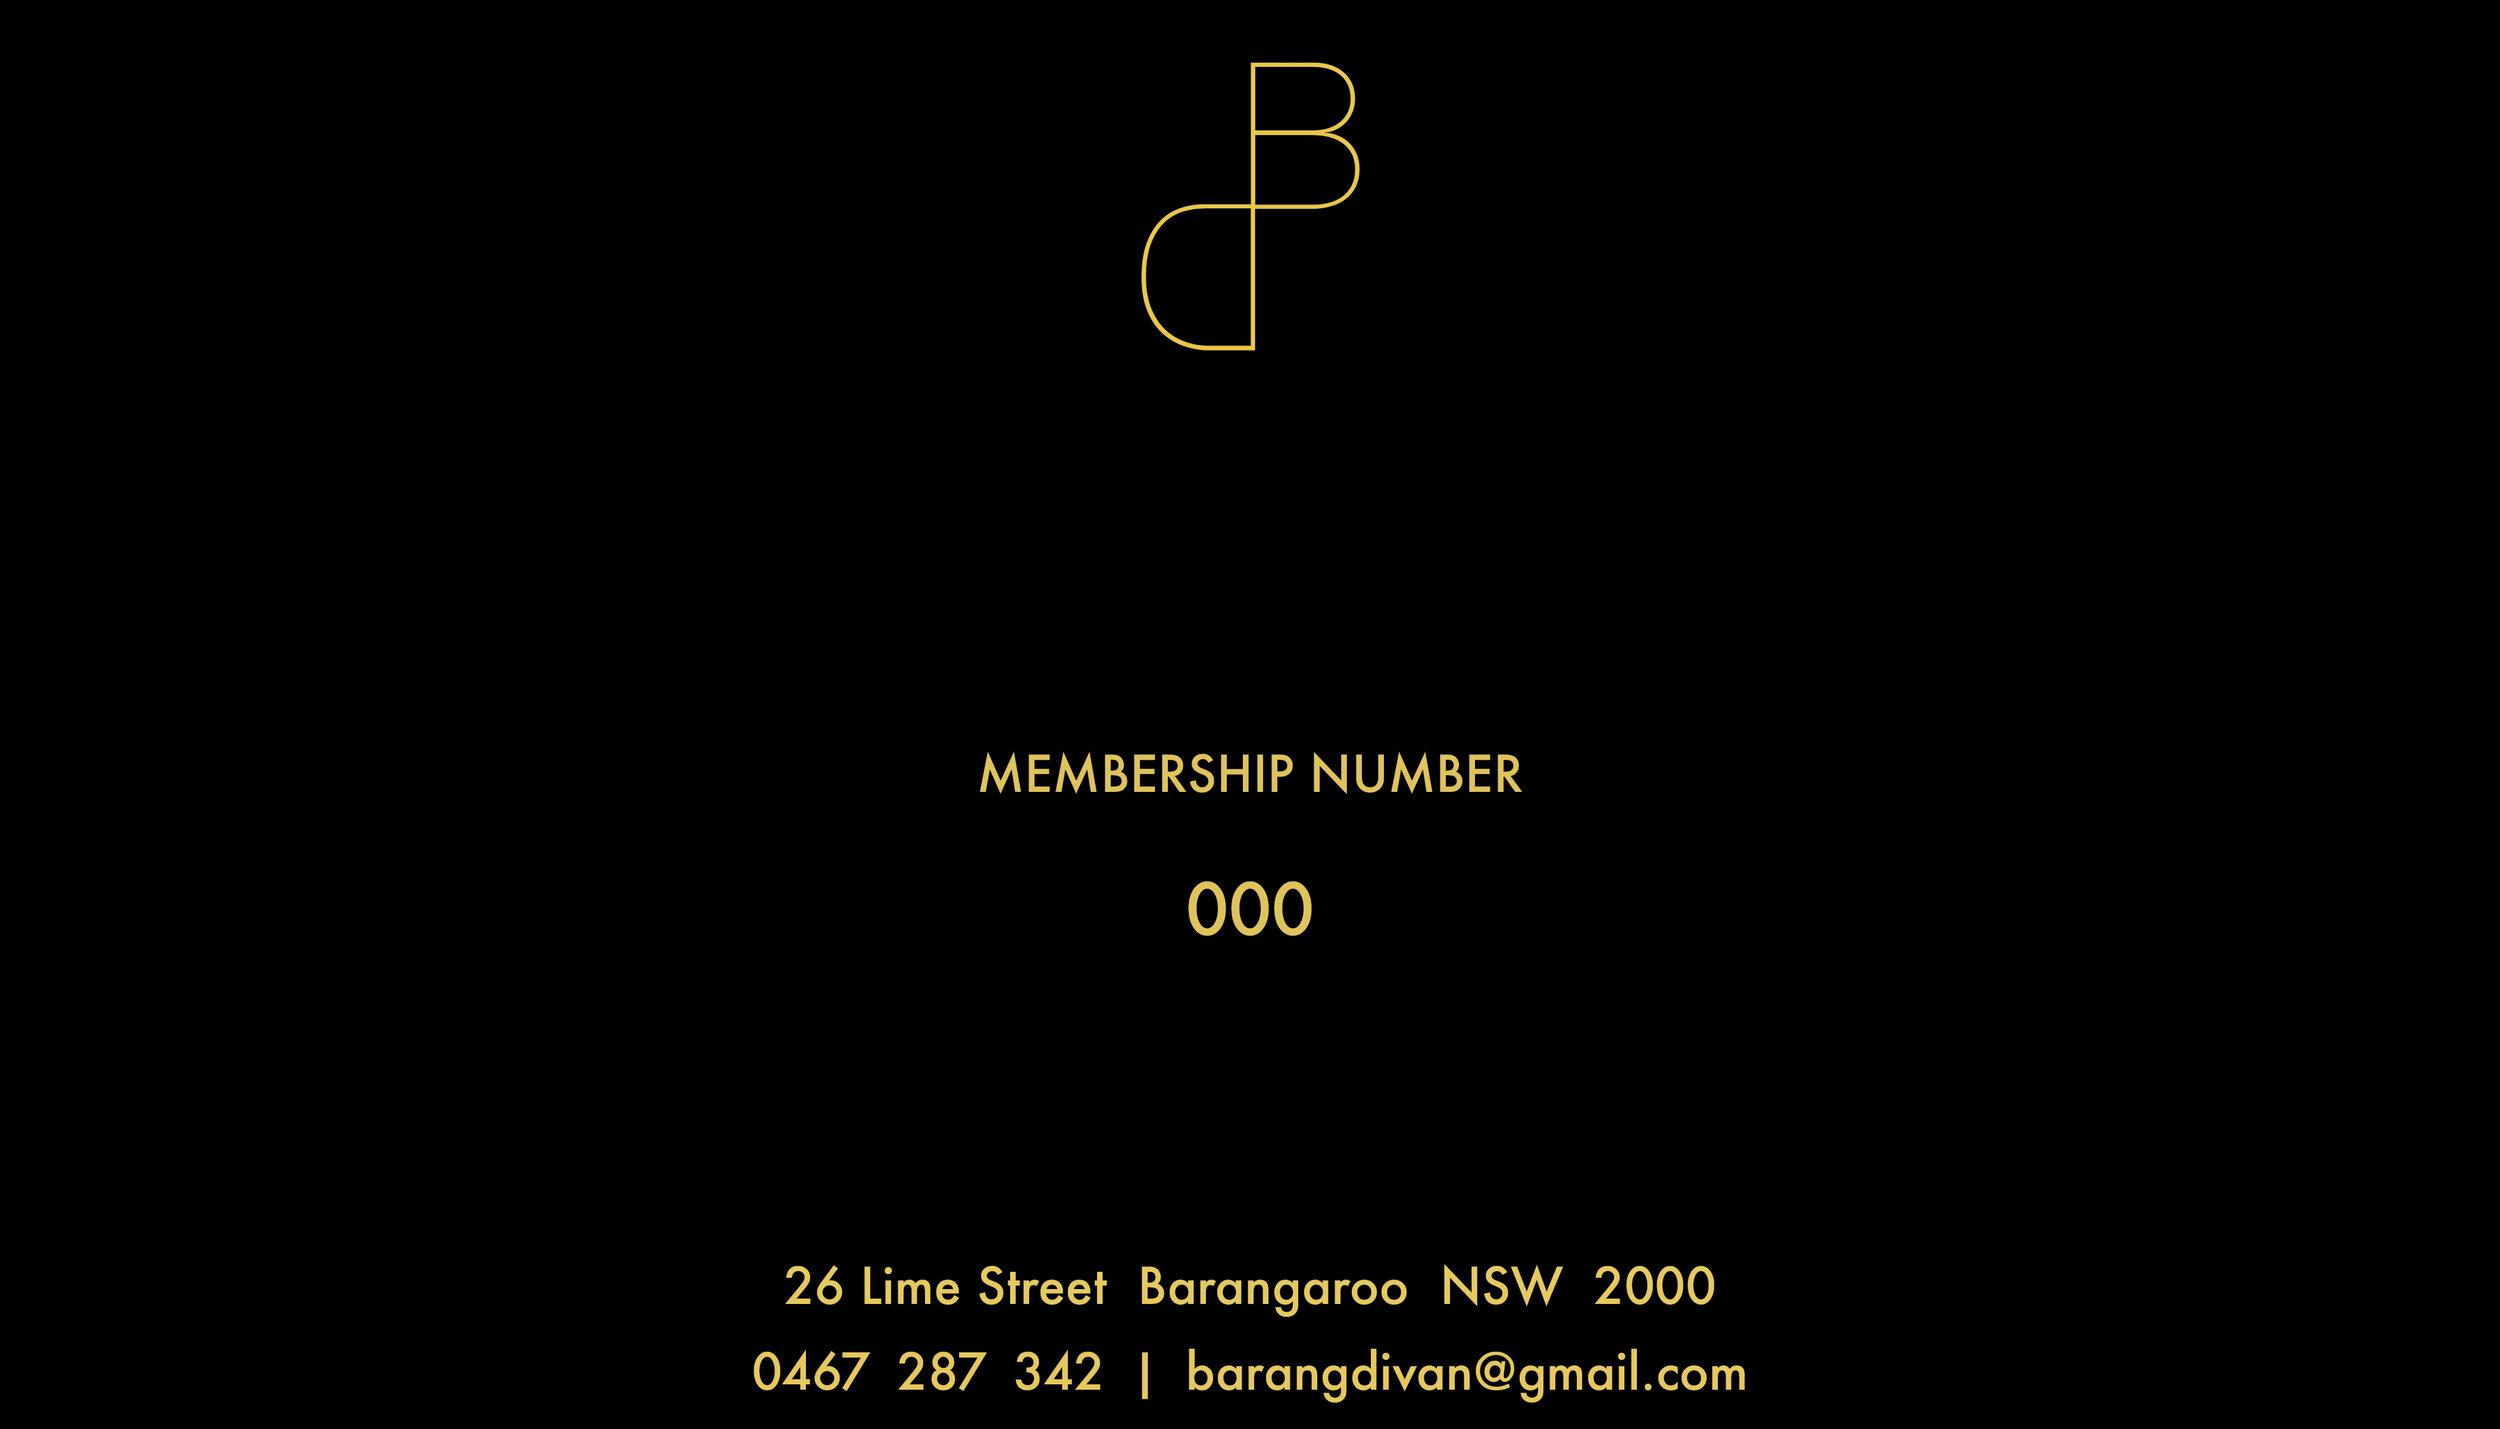 Barang Divan Membership Cards2.jpg